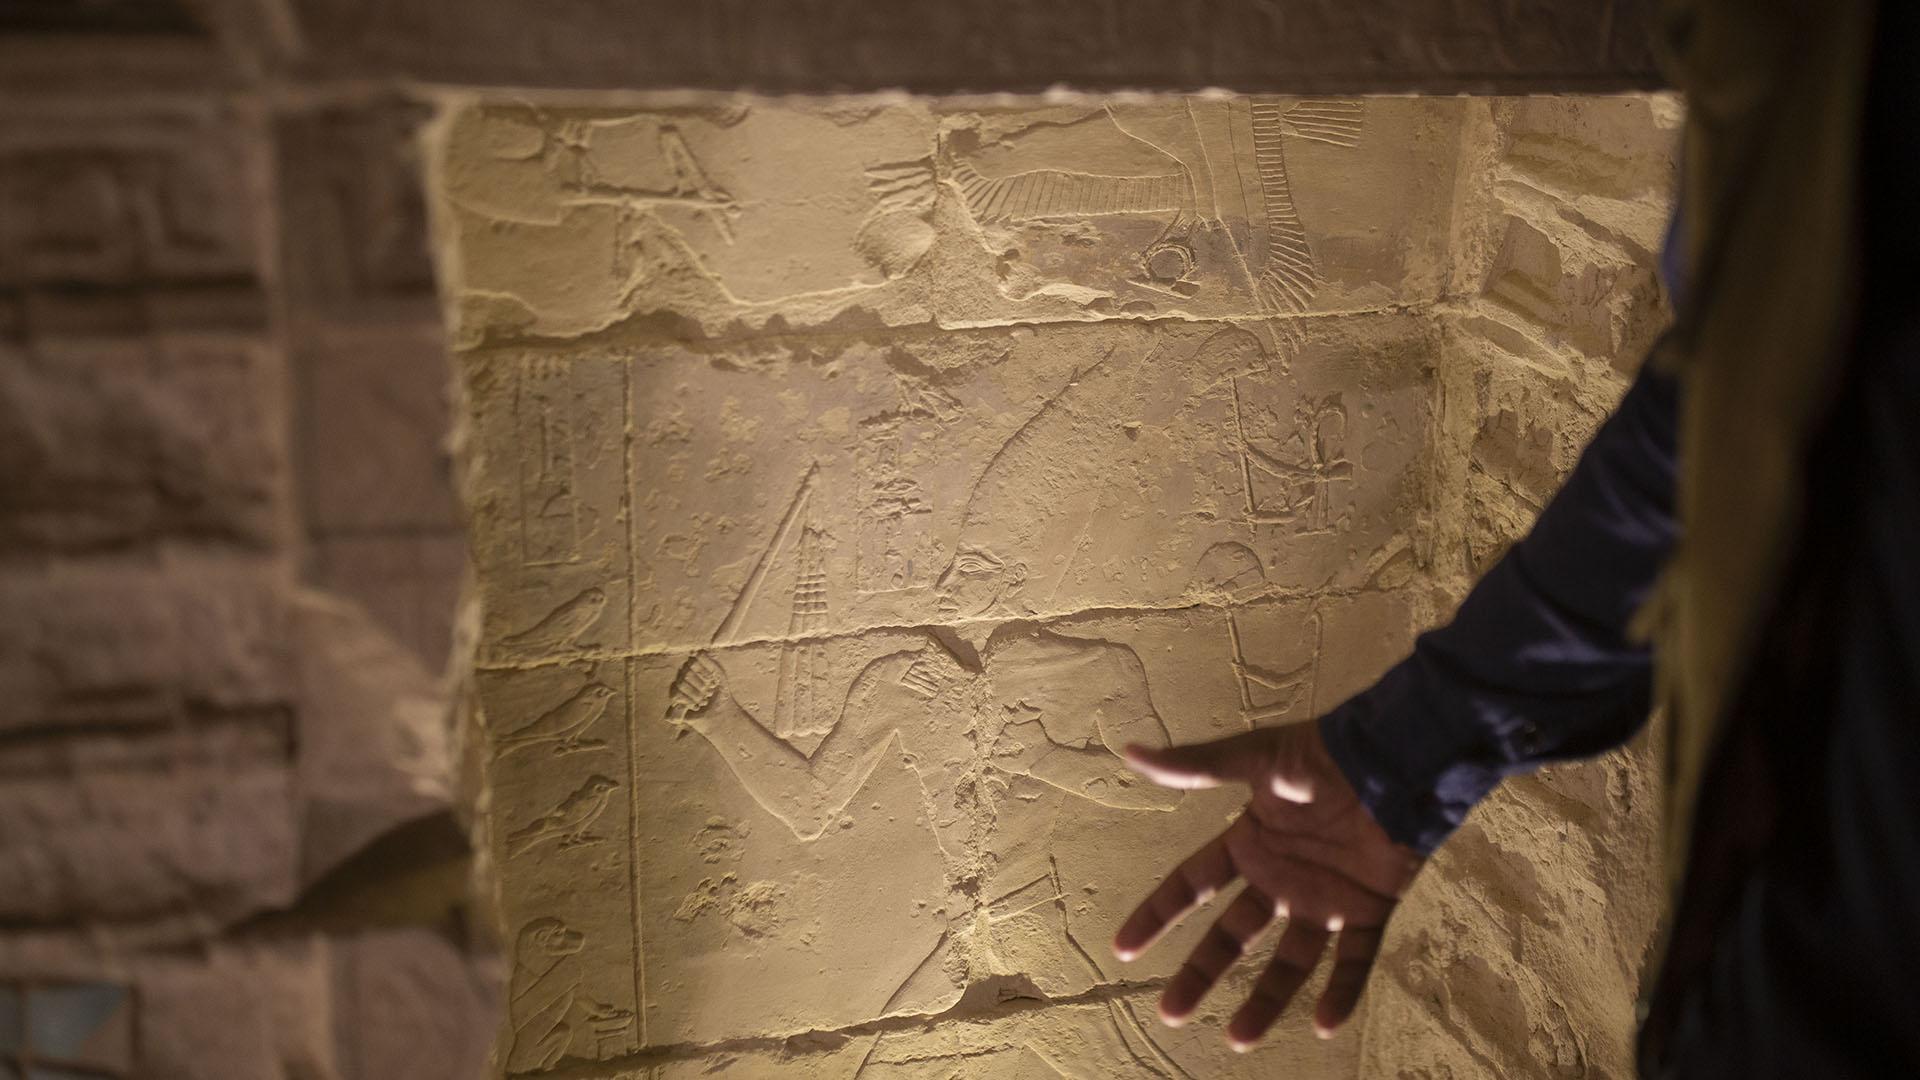 El arqueólogo Ragab Dawood describe una talla de piedra mientras realiza un recorrido por la pirámide escalonada en Saqqara, Egipto, que se abrió para los visitantes el jueves 5 de marzo de 2020 (AP)